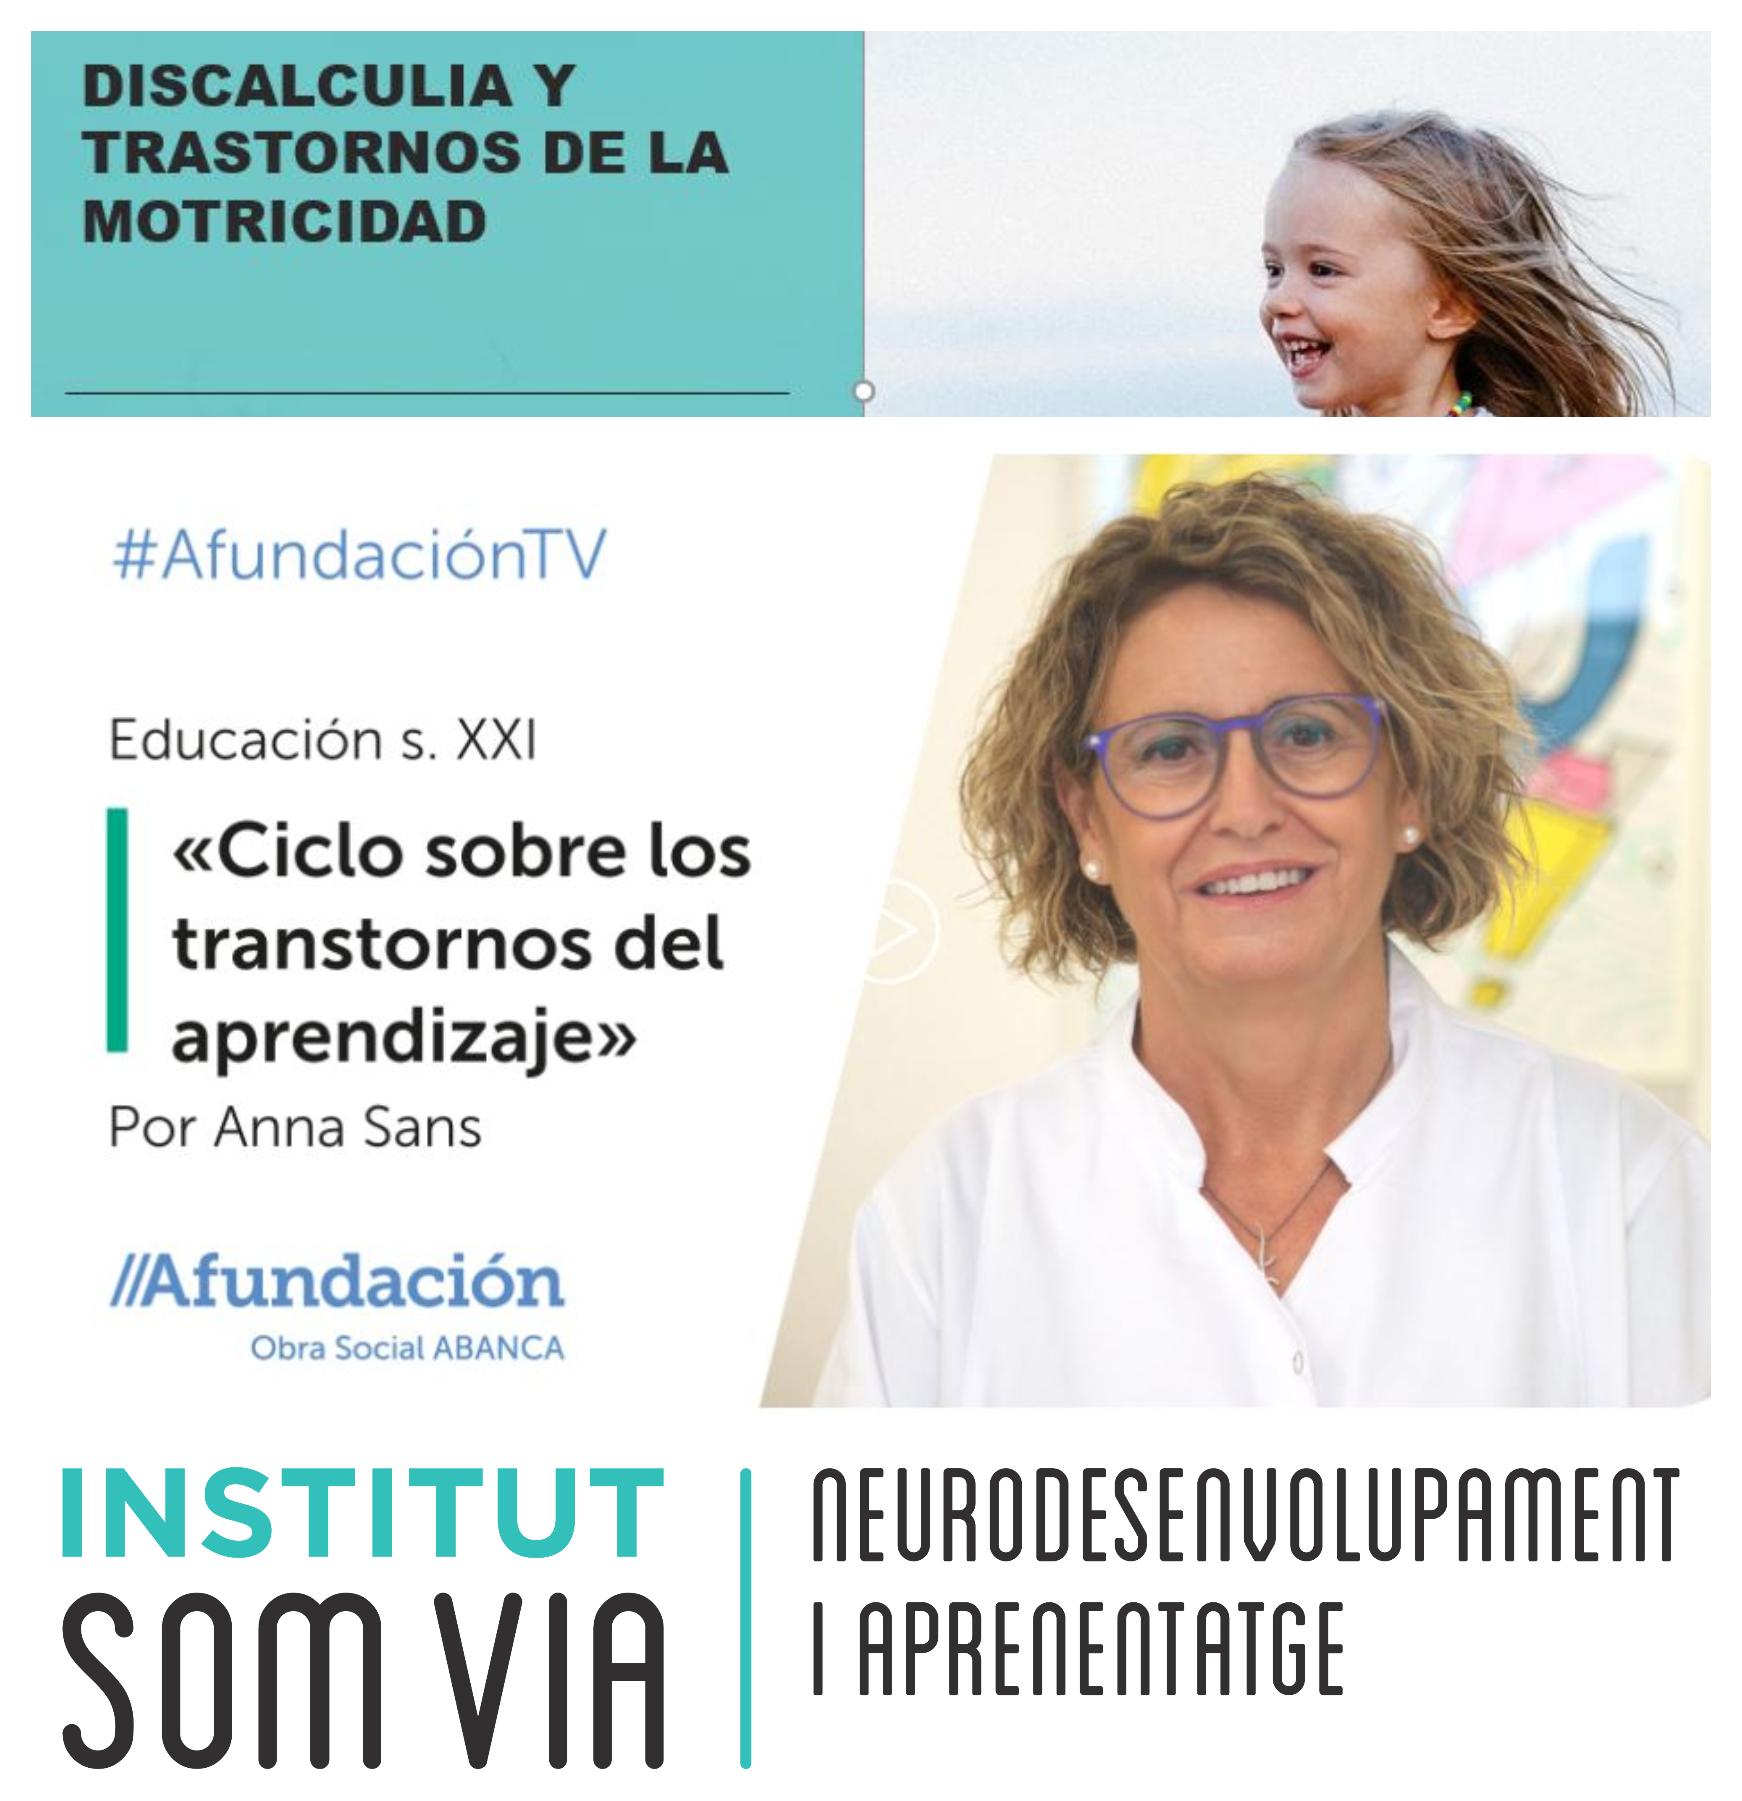 AVUI, AL PROGRAMA EDUCACIÓN S.XXI 'LA DISCALCULIA Y LOS TRASTORNOS DE LA MOTRICIDAD'